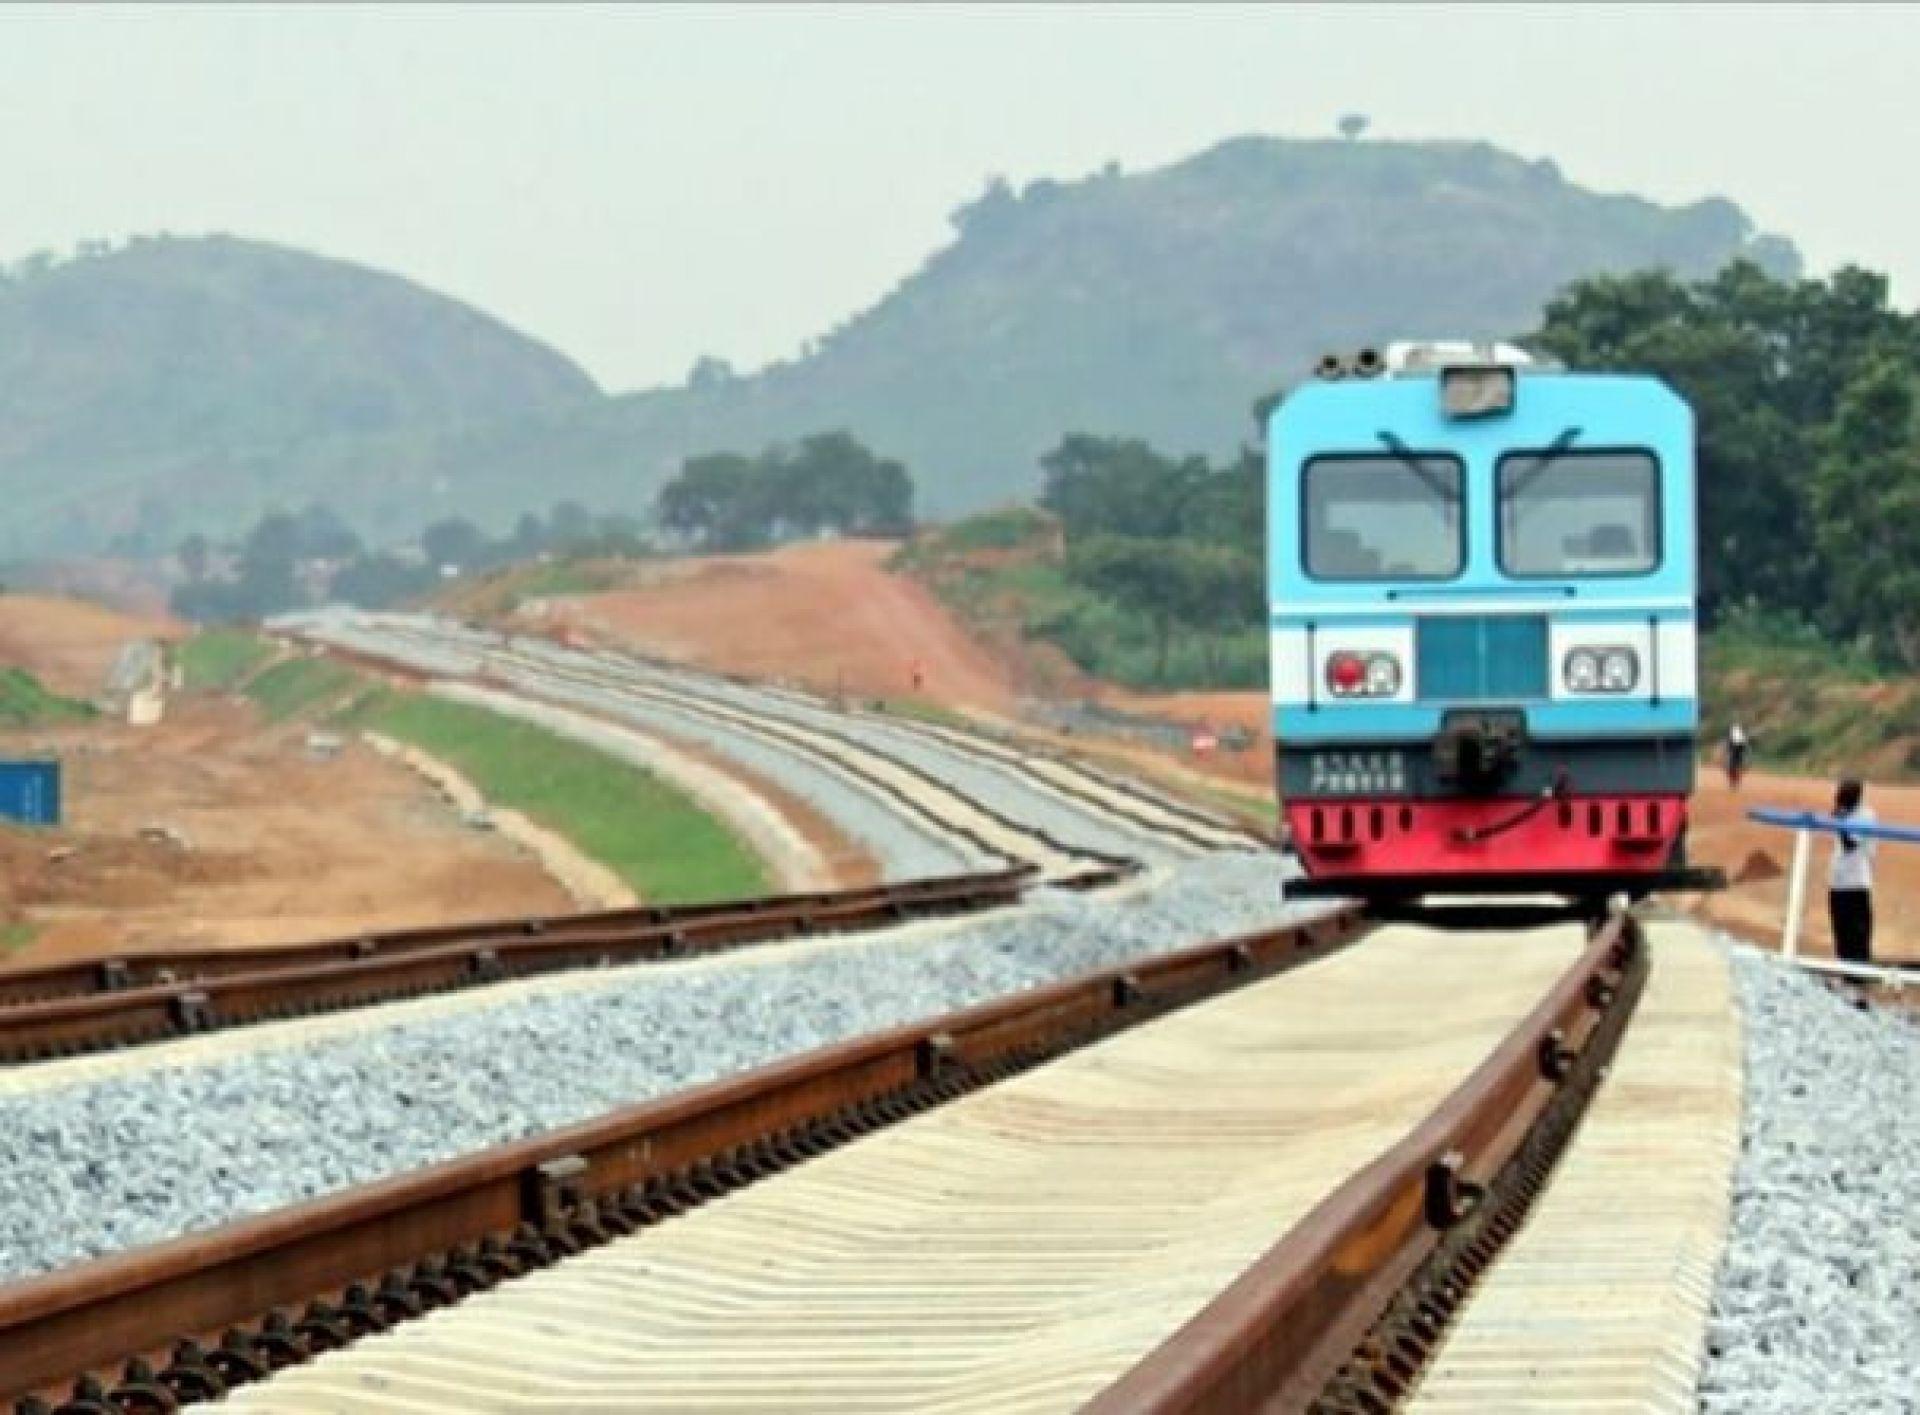 President Buhari to Commission $823.5m Abuja light rail on Thursday